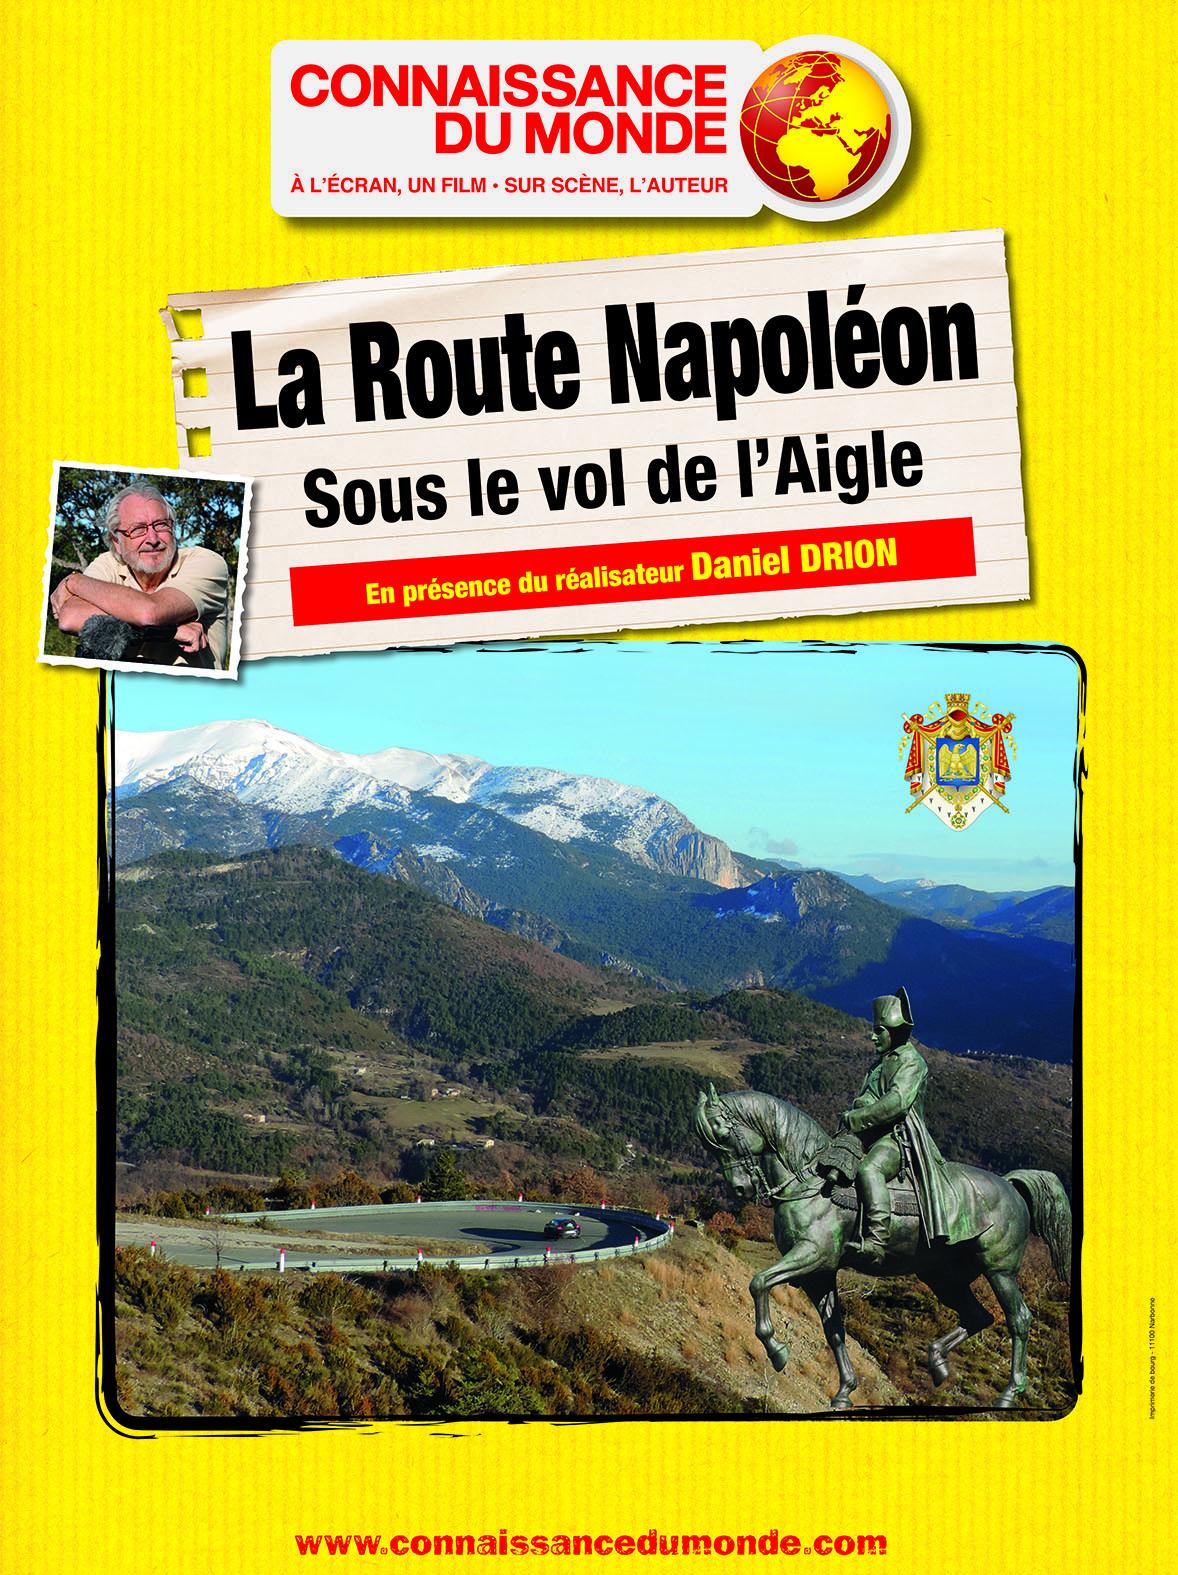 La Route Napoléon, Sous le vol de l'Aigle